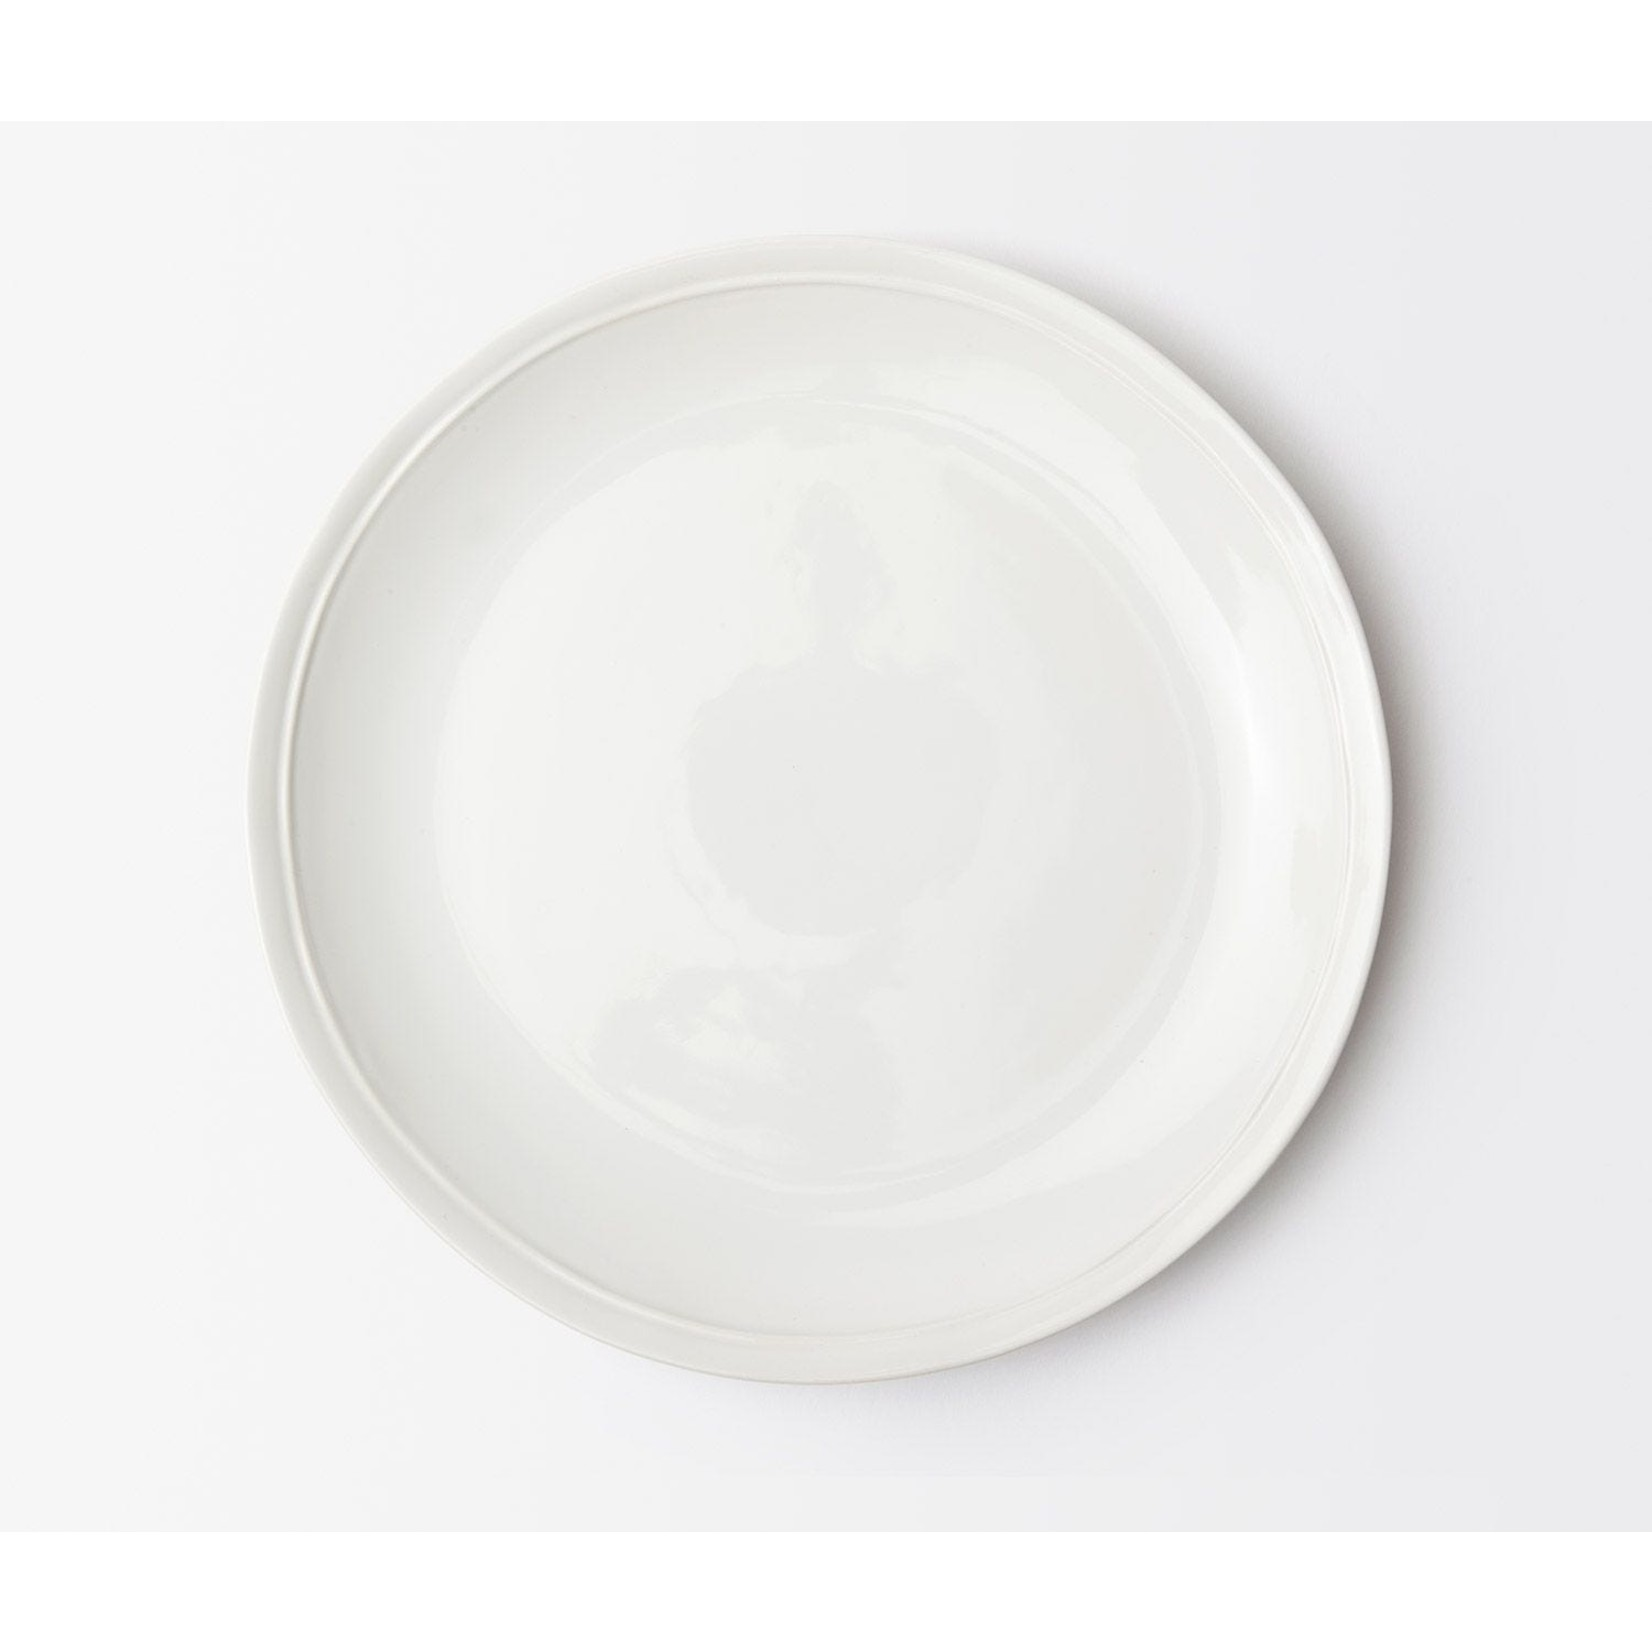 Blue Pheasant Ariana Dinnerware